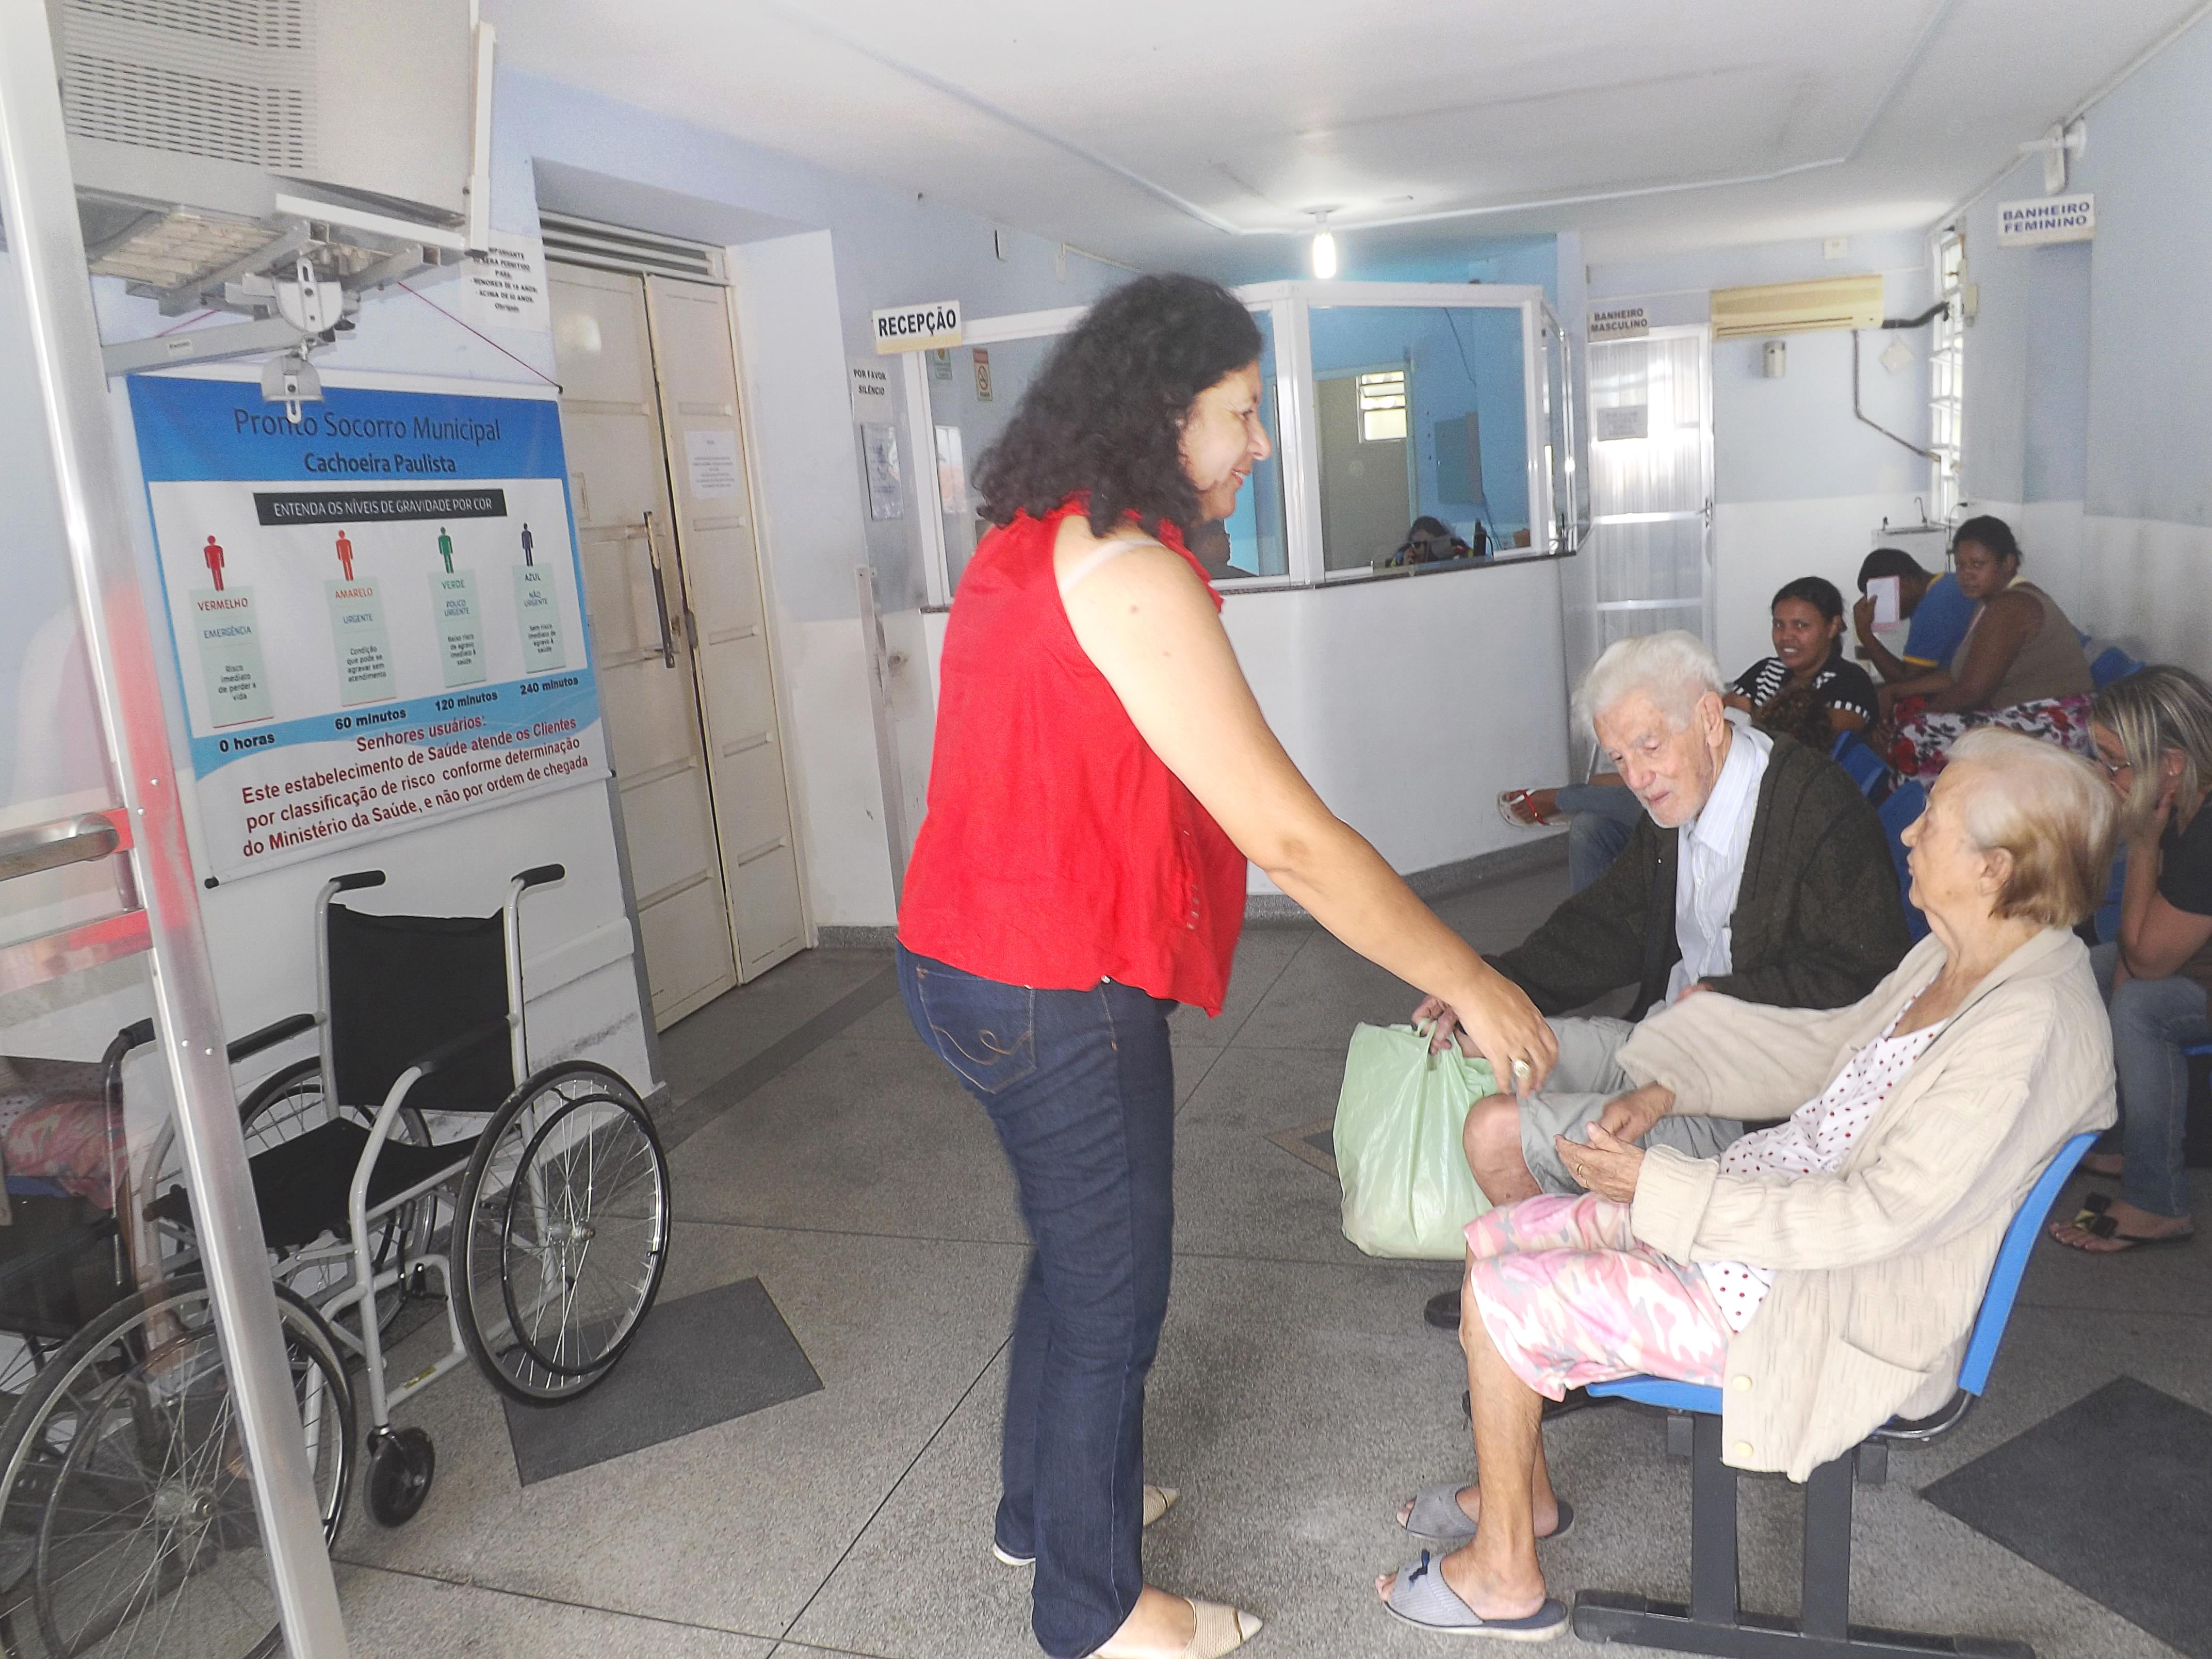 Idosos aguardam por atendimento na Santa Casa, que agora passa a contar com atendimento de exames clínicos (Arquivo Atos)